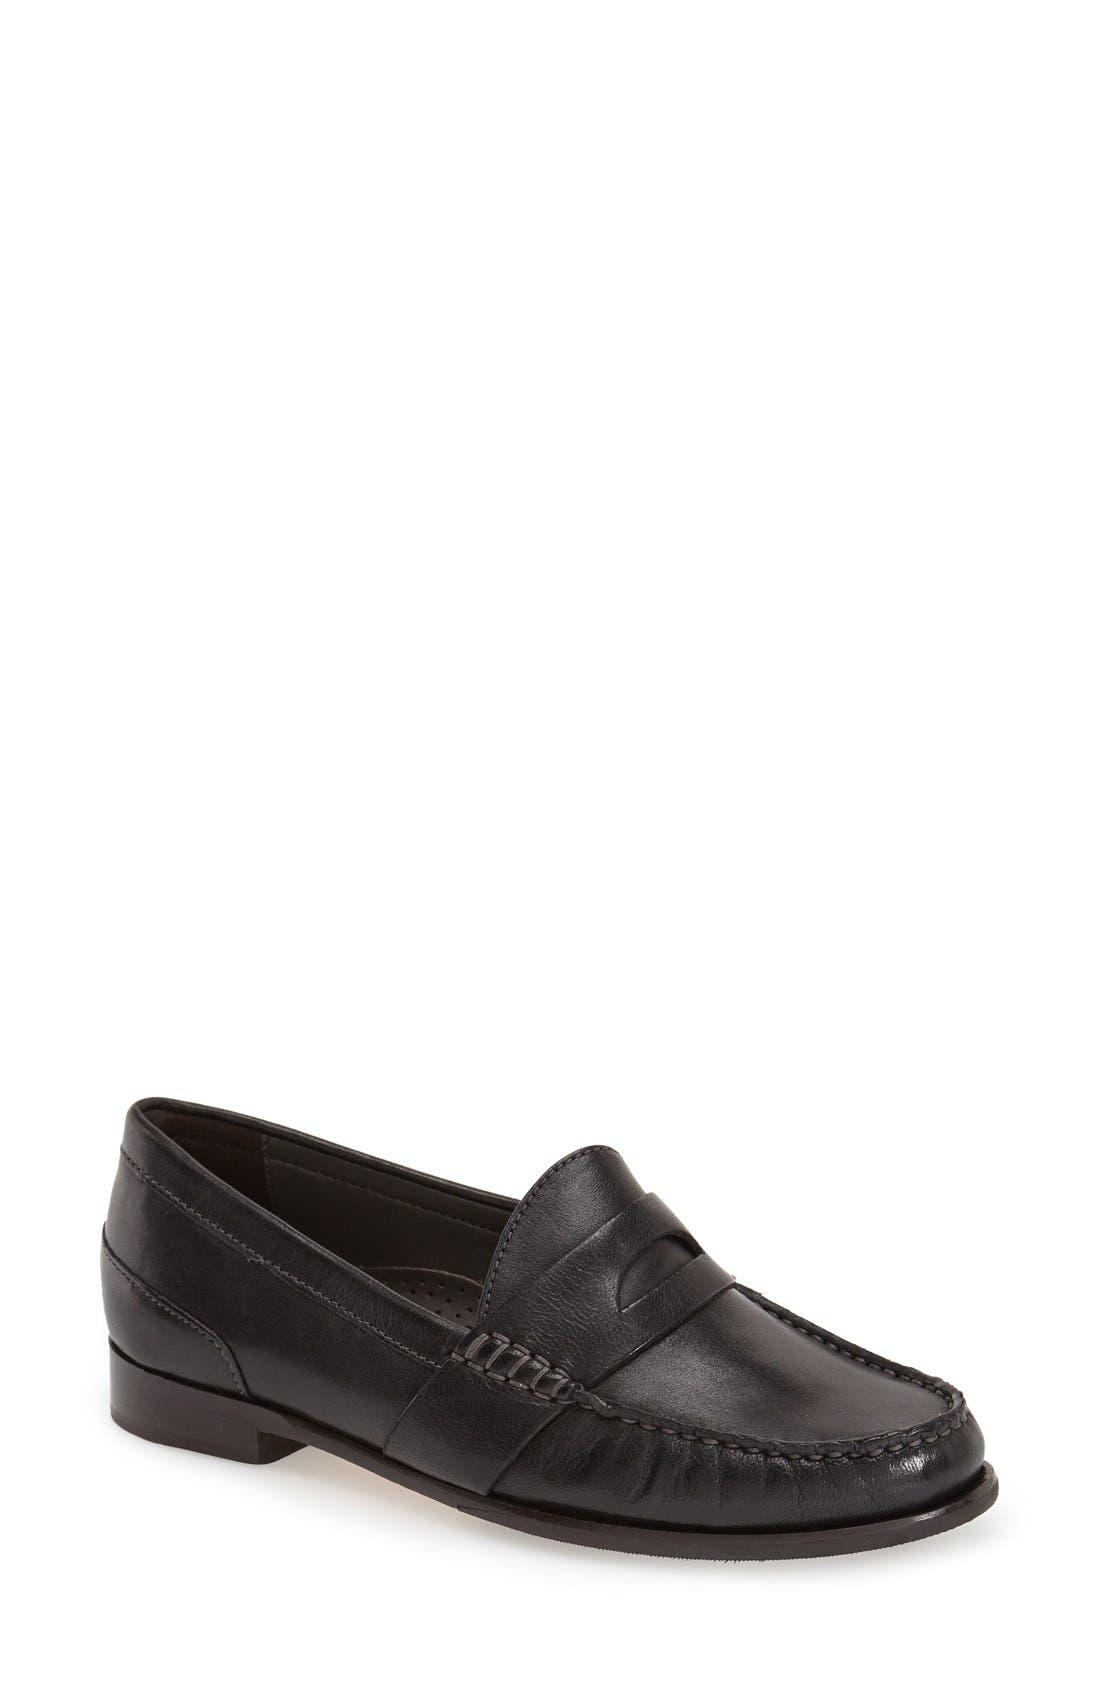 'Laurel' Moc Loafer,                         Main,                         color, Black Leather